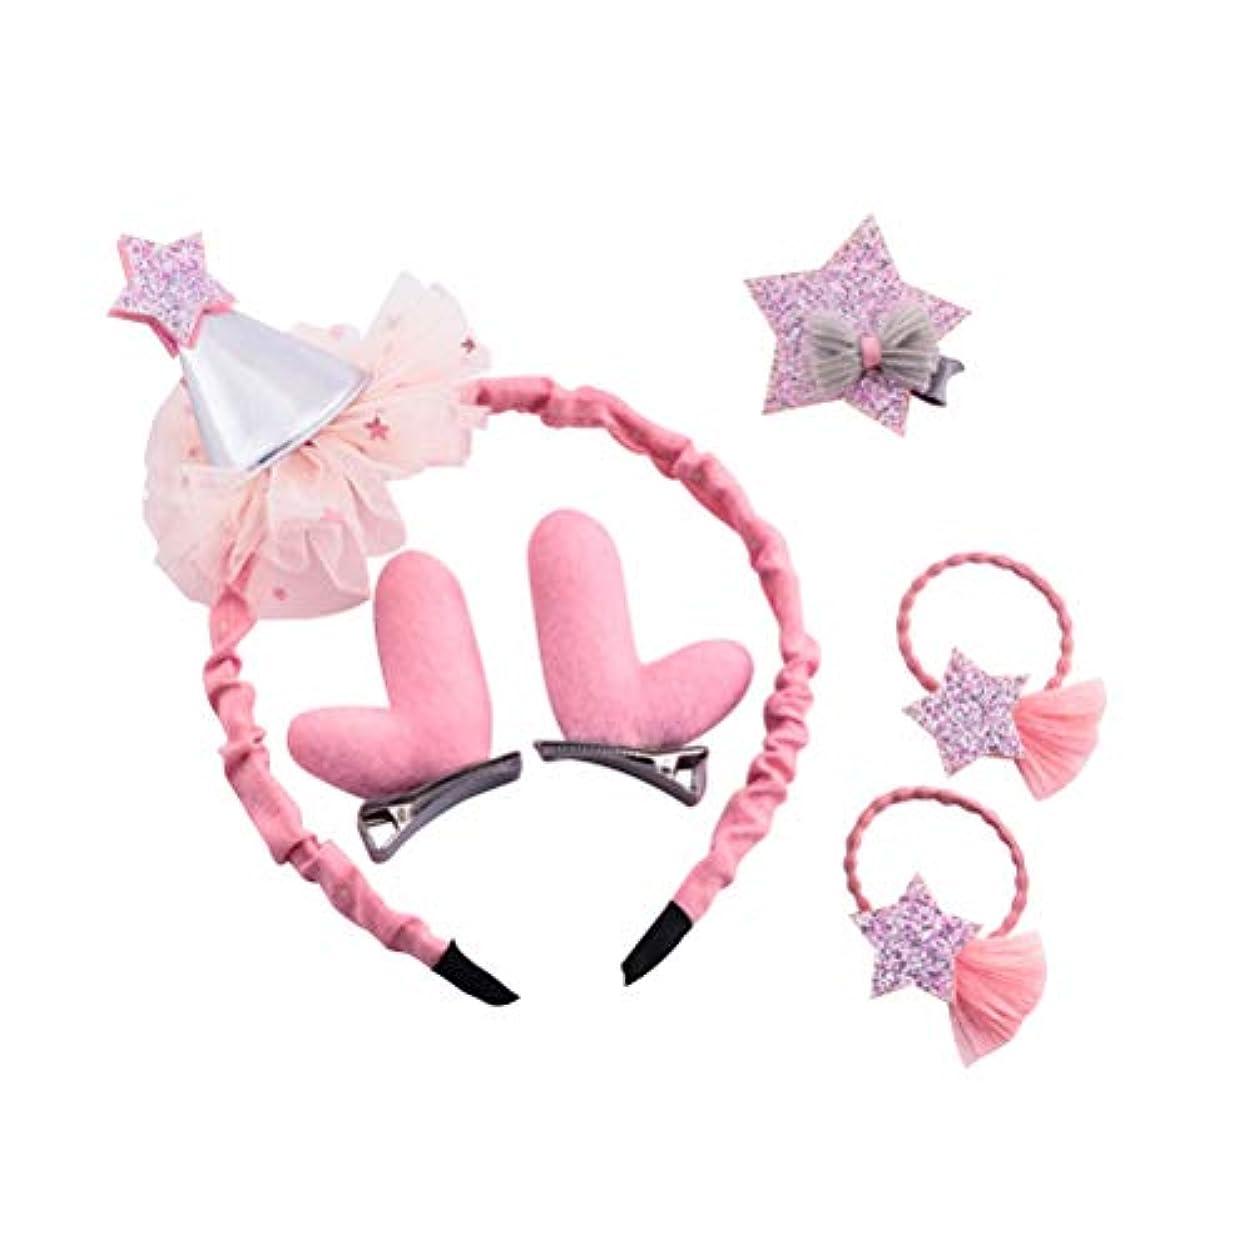 オーバーヘッドサービスベックスBESTOYARD クリスマスの髪のアクセサリー帽子のレンダーの飾り飾りヘッドバンドのヘアクリップ女の子のためのピンバレッタの髪の弾性(ピンク)